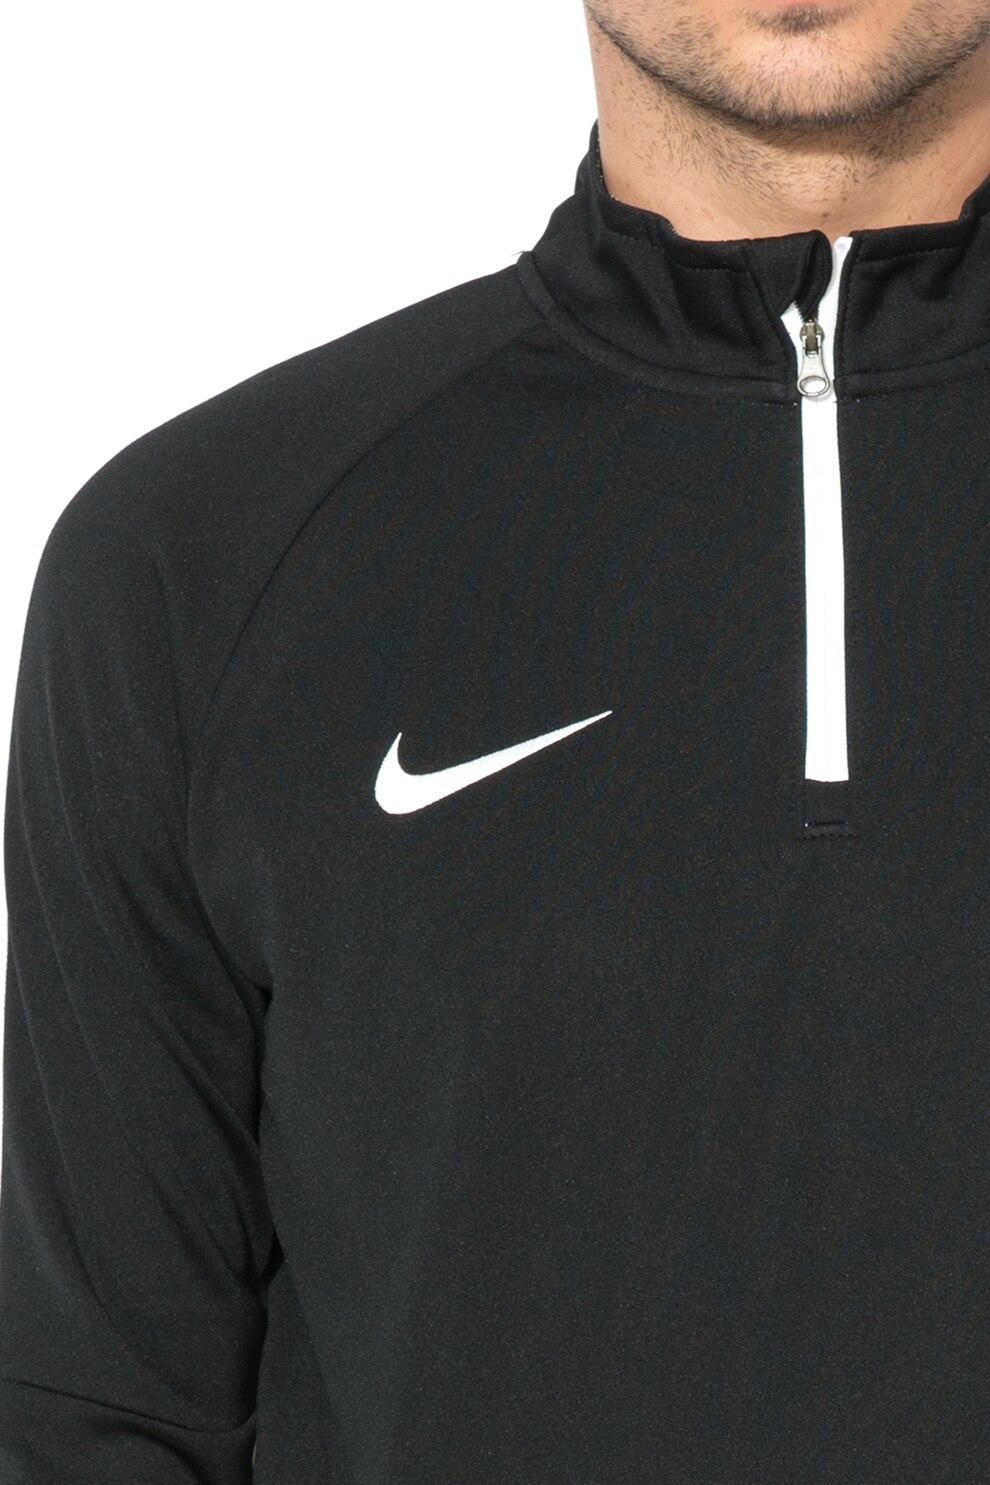 Nike, Kapucnis Kabát Polárbéléssel, Fekete, XL eMAG.hu